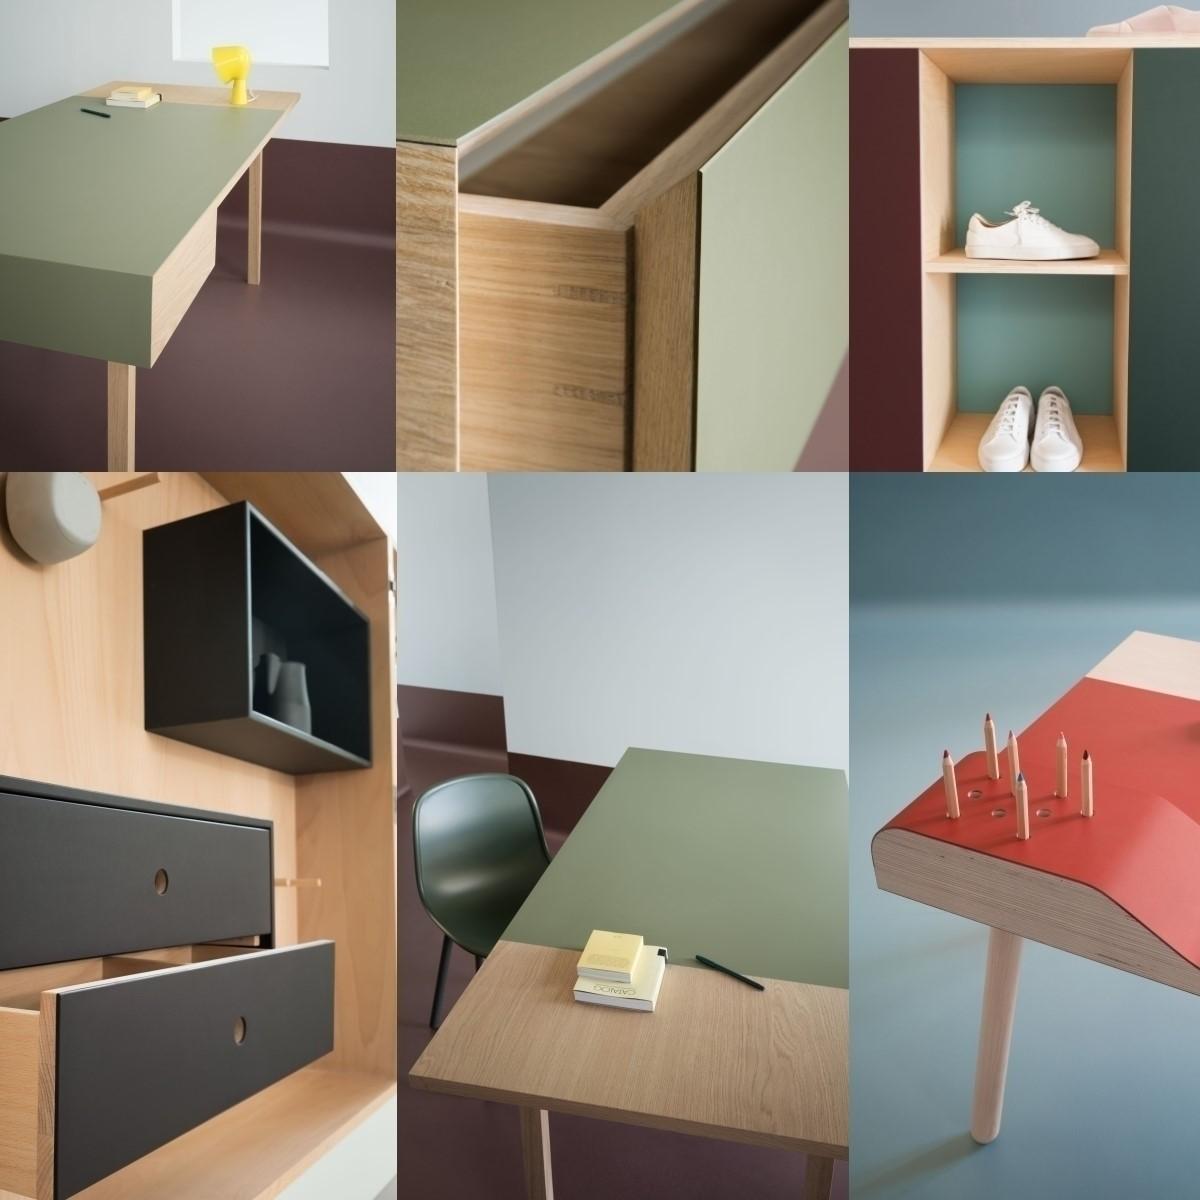 Forbo Furniture Linoleum pistachio 4183 Möbel und Tischlinoleum Desktop